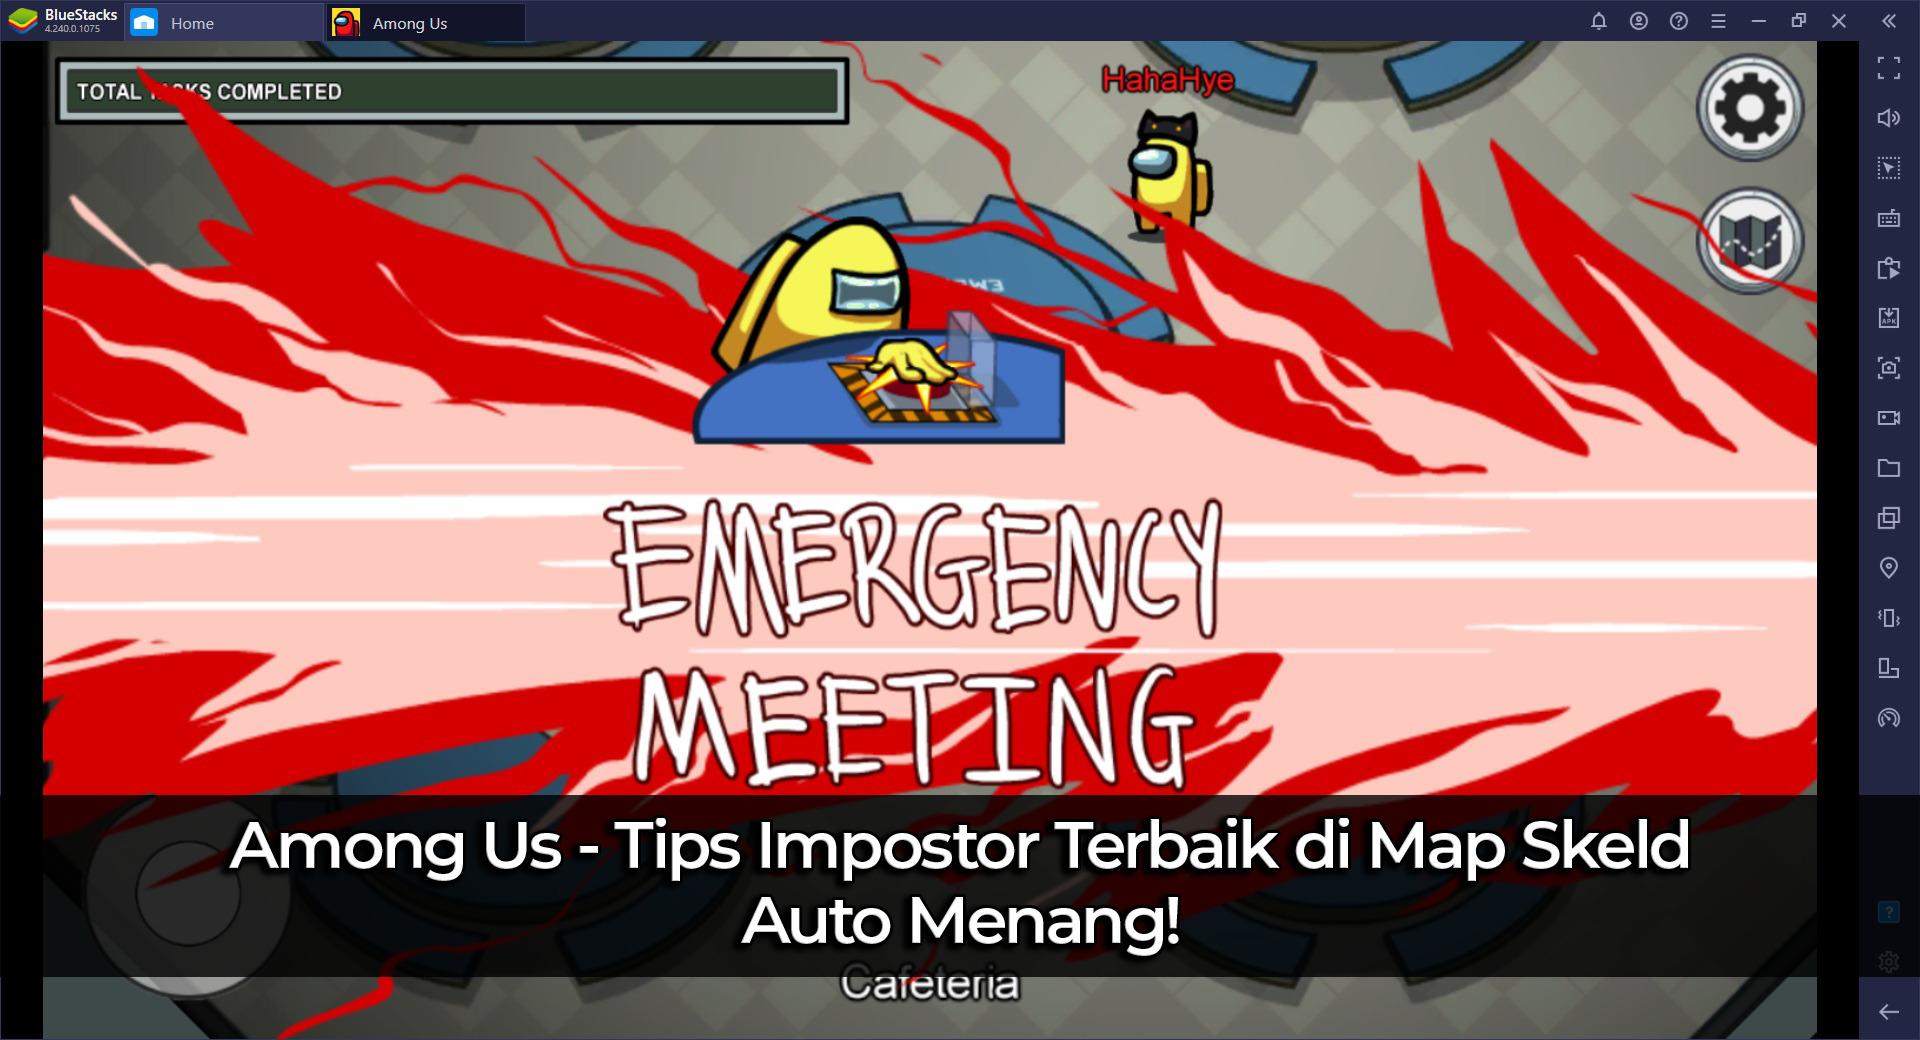 Among Us: Tips Impostor Terbaik di Map Skeld, Auto Menang!